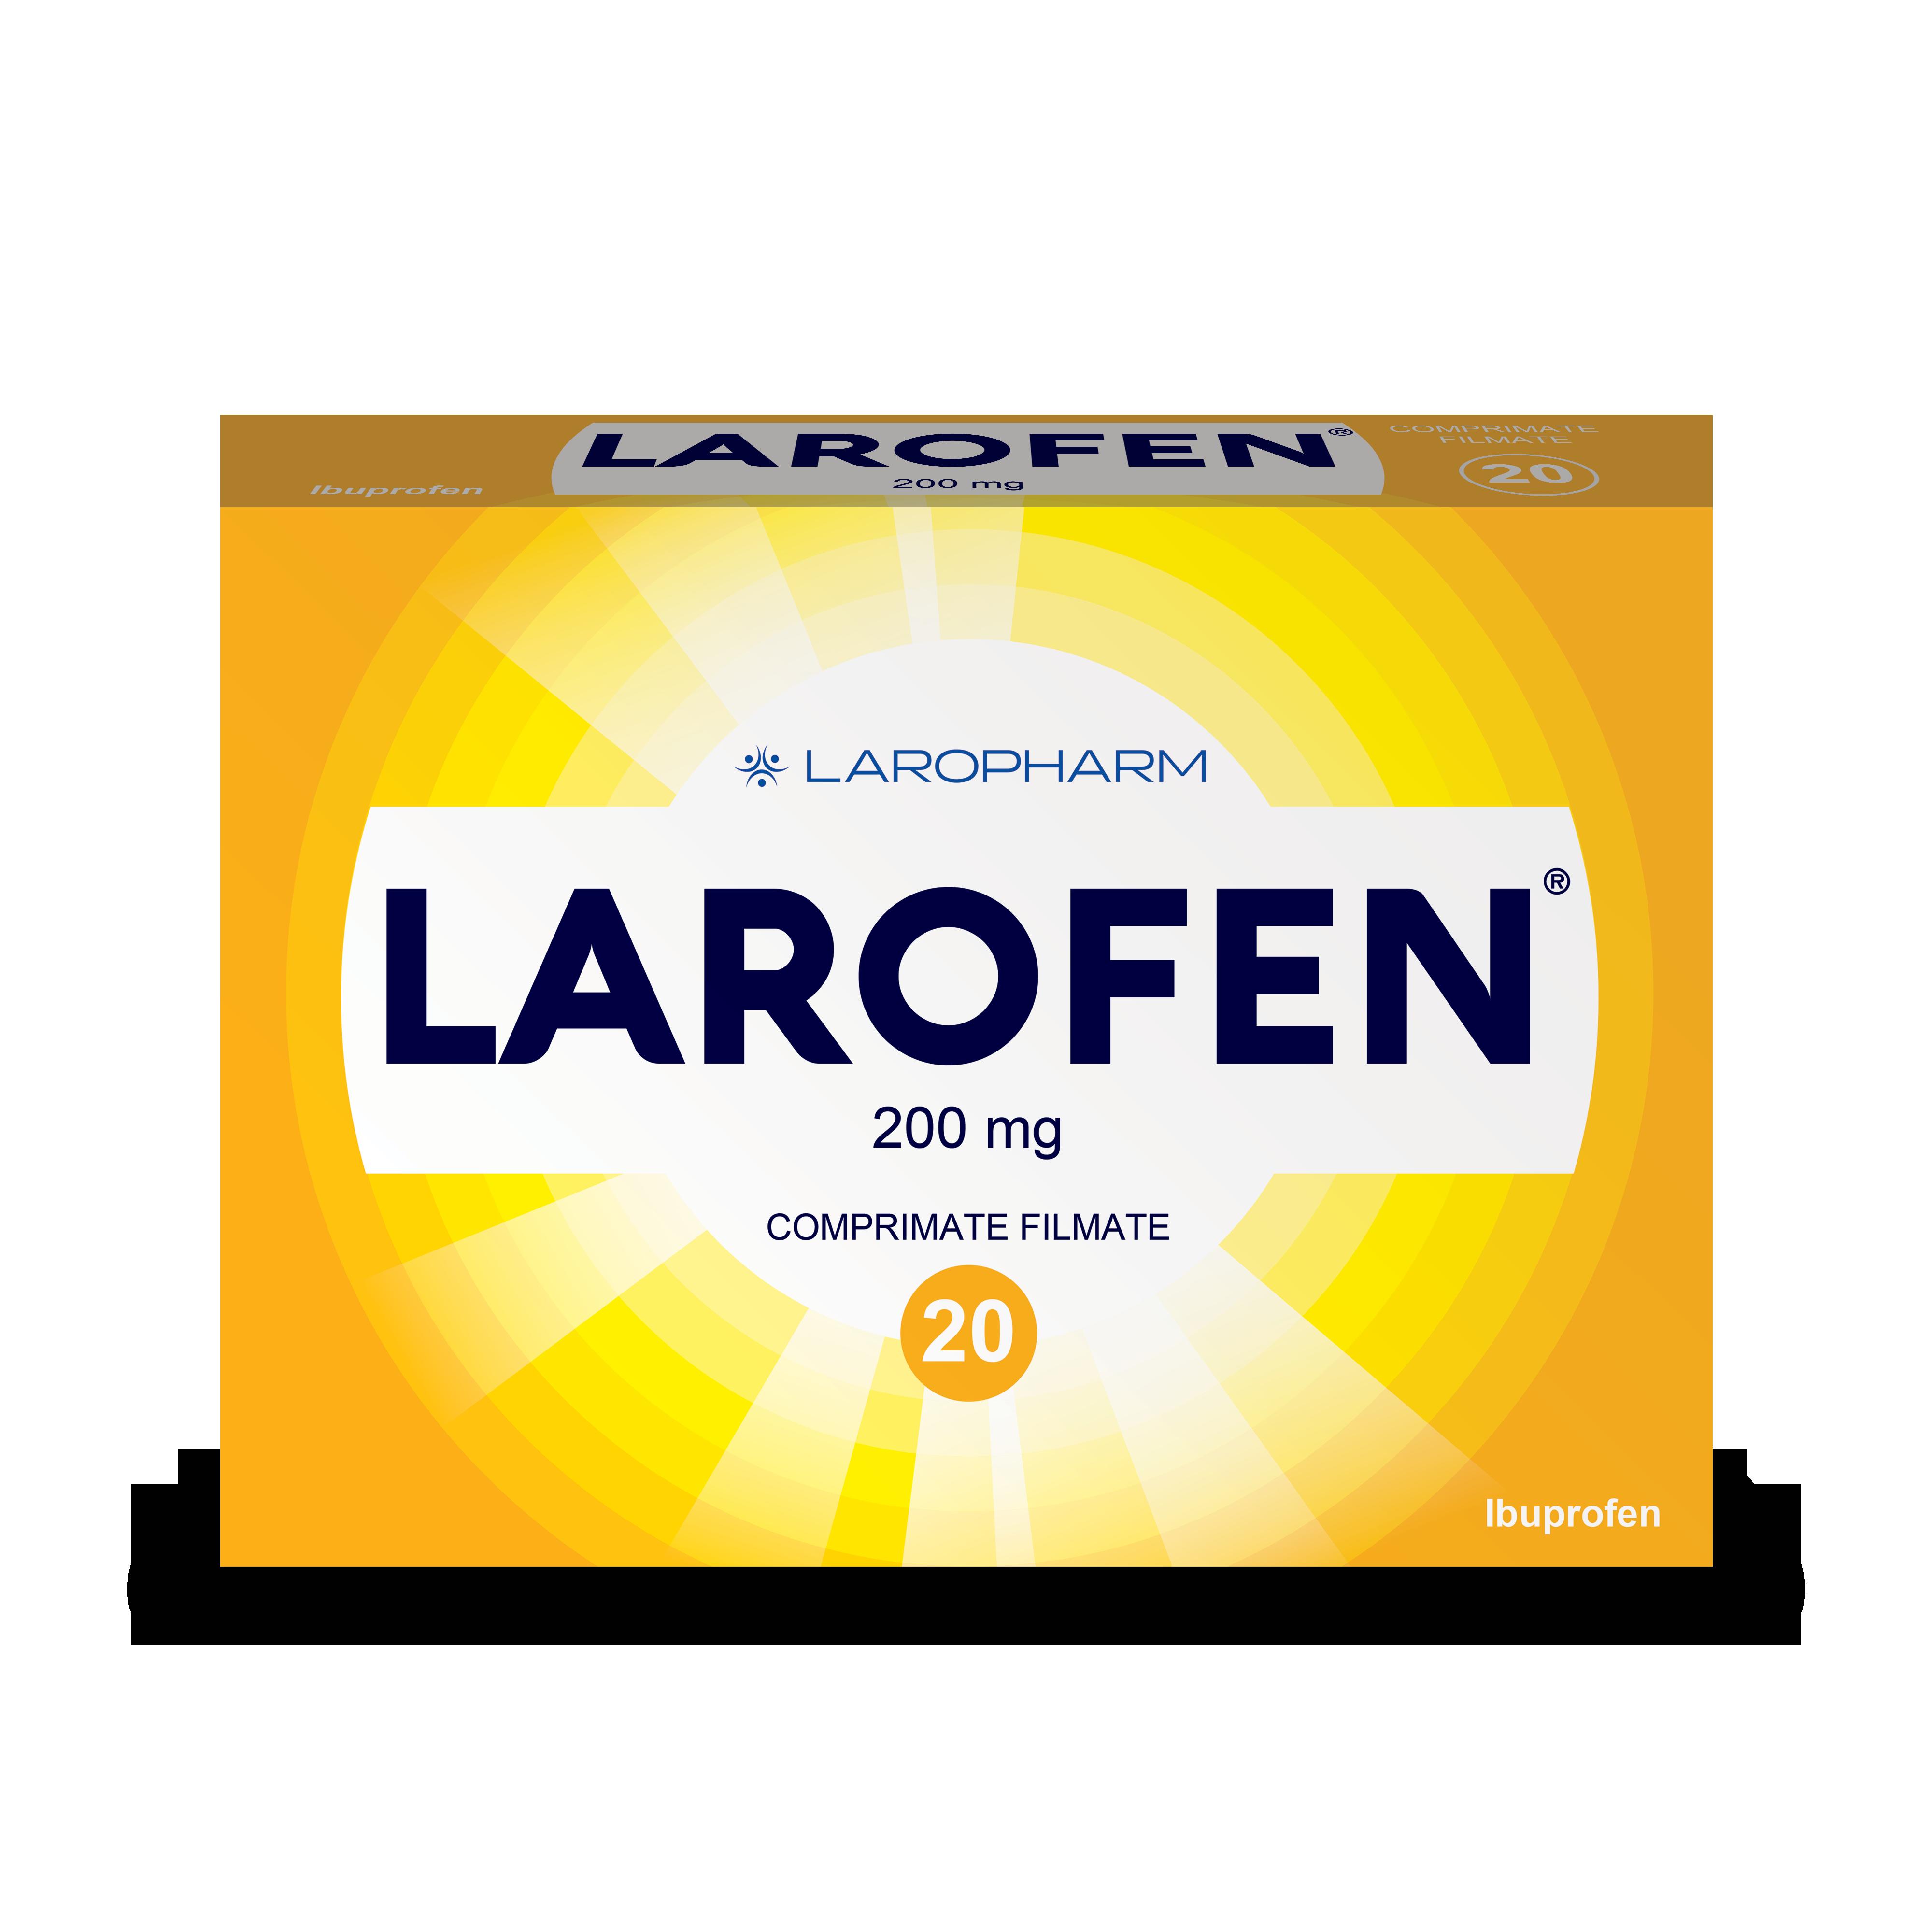 Larofen